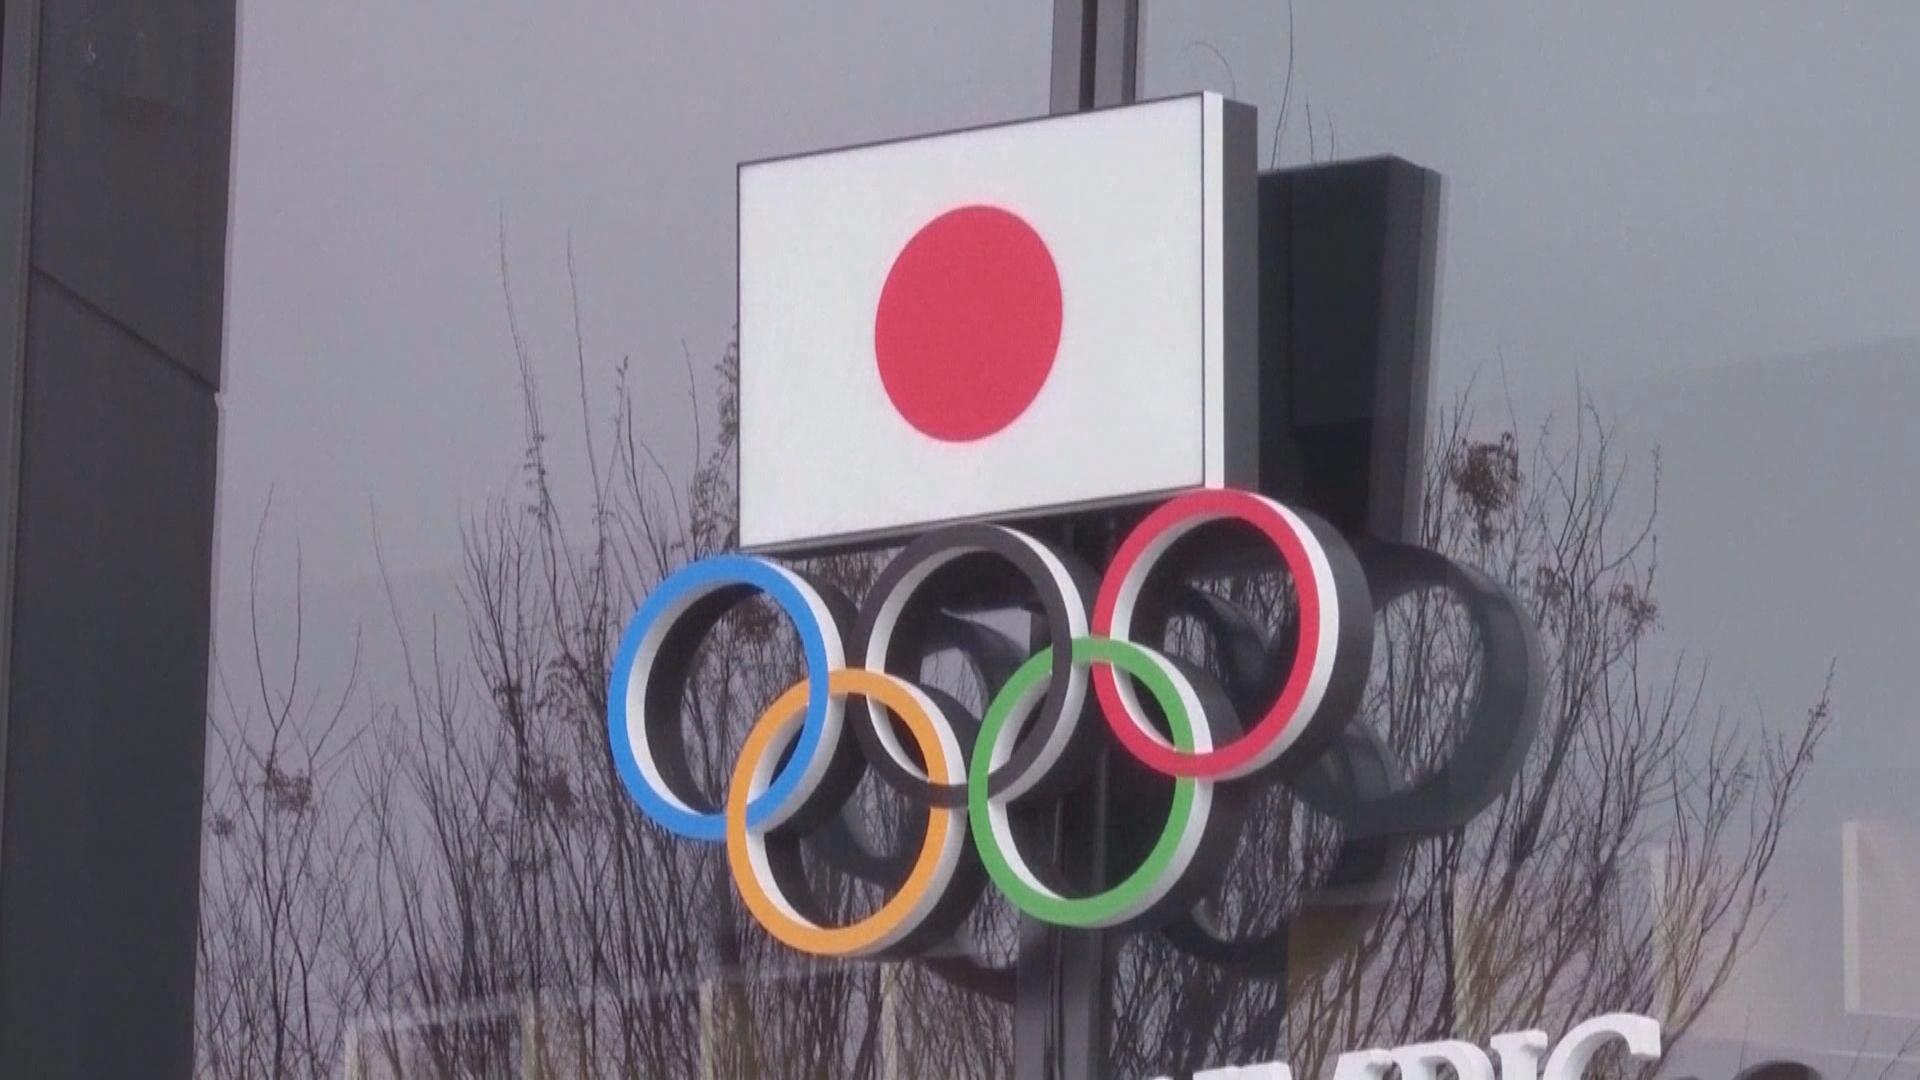 國際奧委會及東京奧組委發布東奧手冊 禁場內撃掌或握手